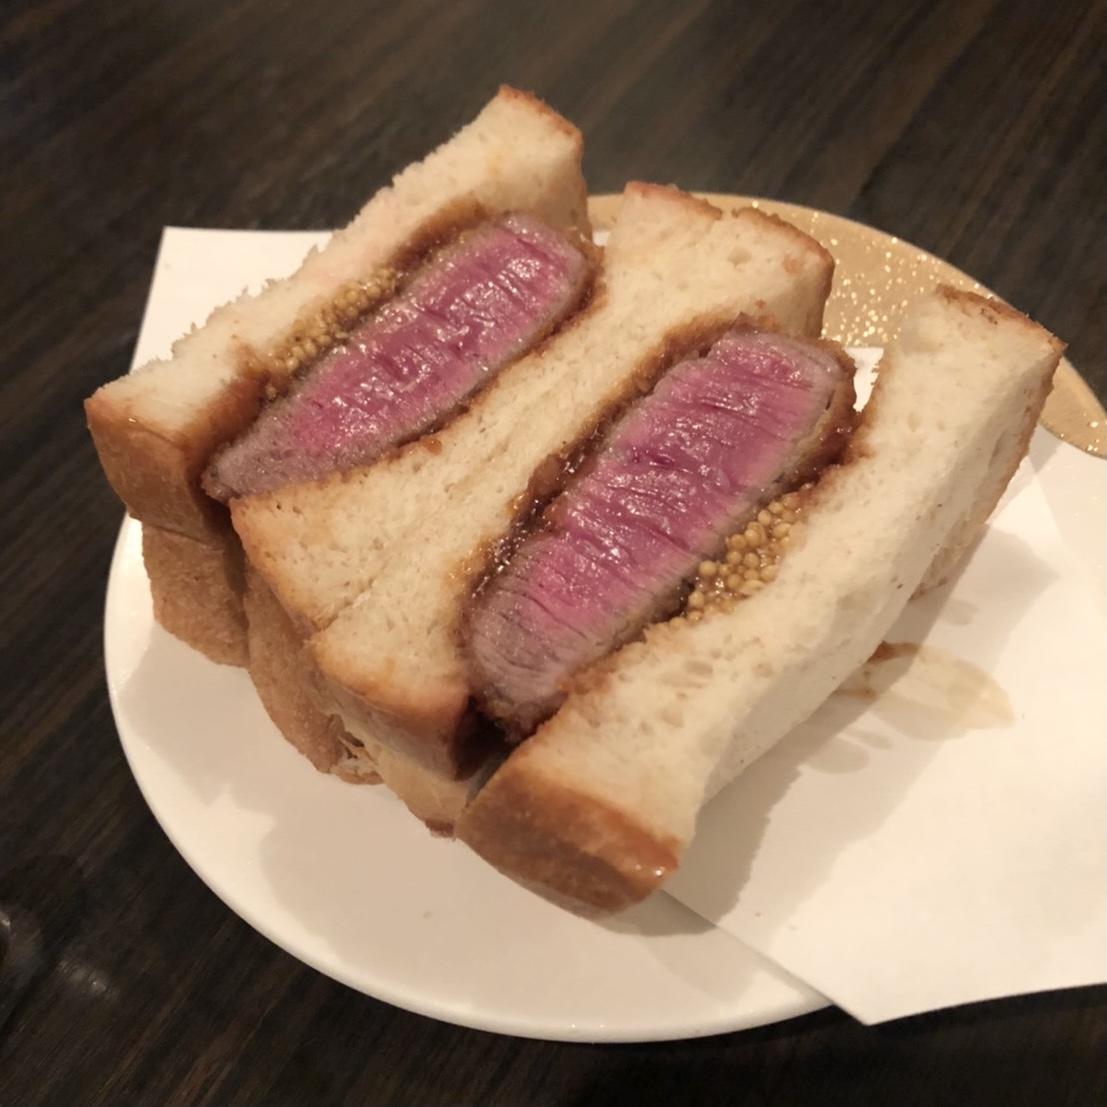 【食べログ ランキング1位!】予約困難の超人気焼肉店《SATOブリアン》に行ってきました♡_4